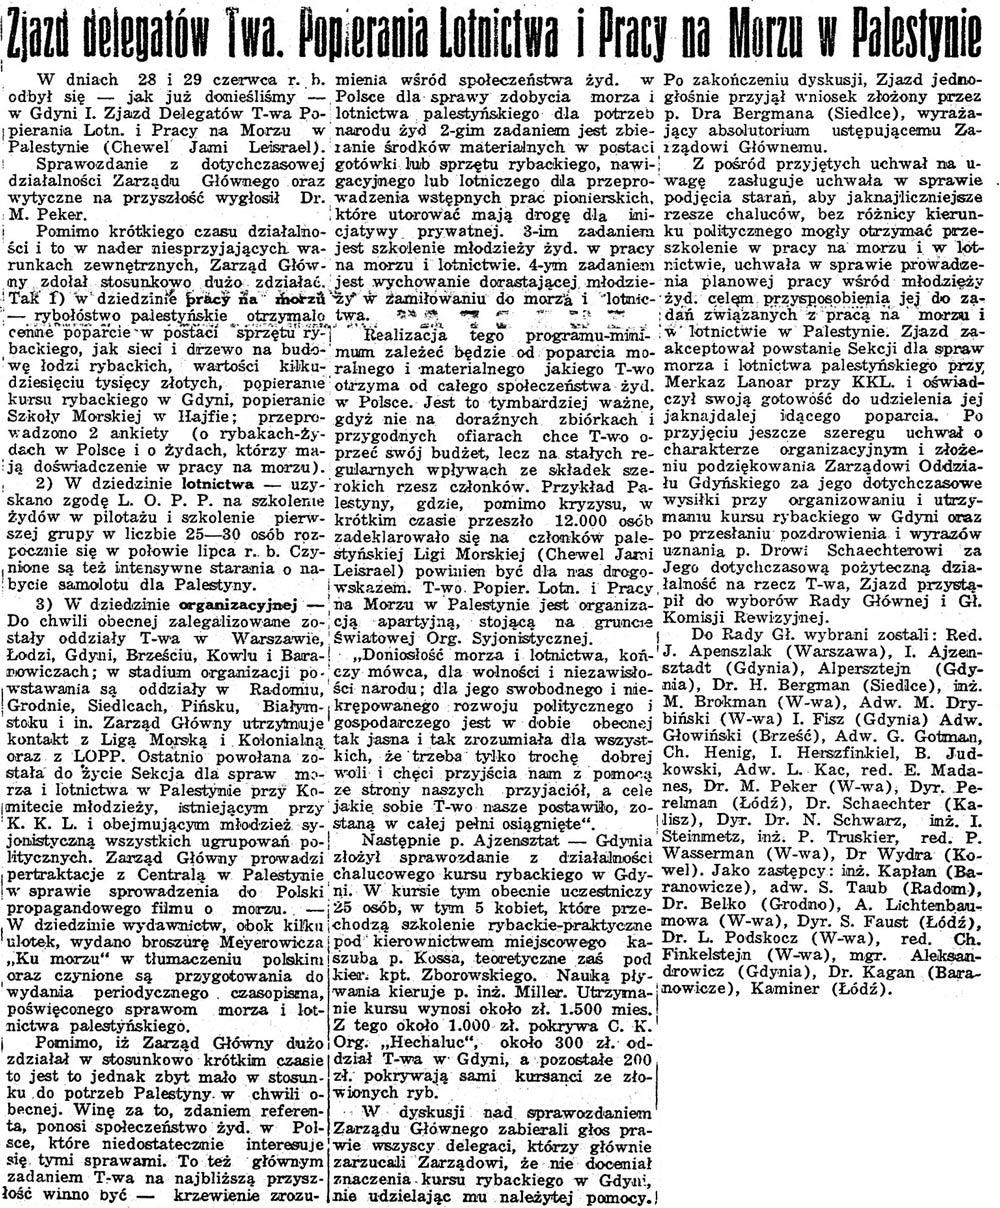 Zjazd delegatów Twa. Popierania Lotnictwa i Pracy na Morzu w Palestynie // Chwila. - 1939, nr 7286, s. 5